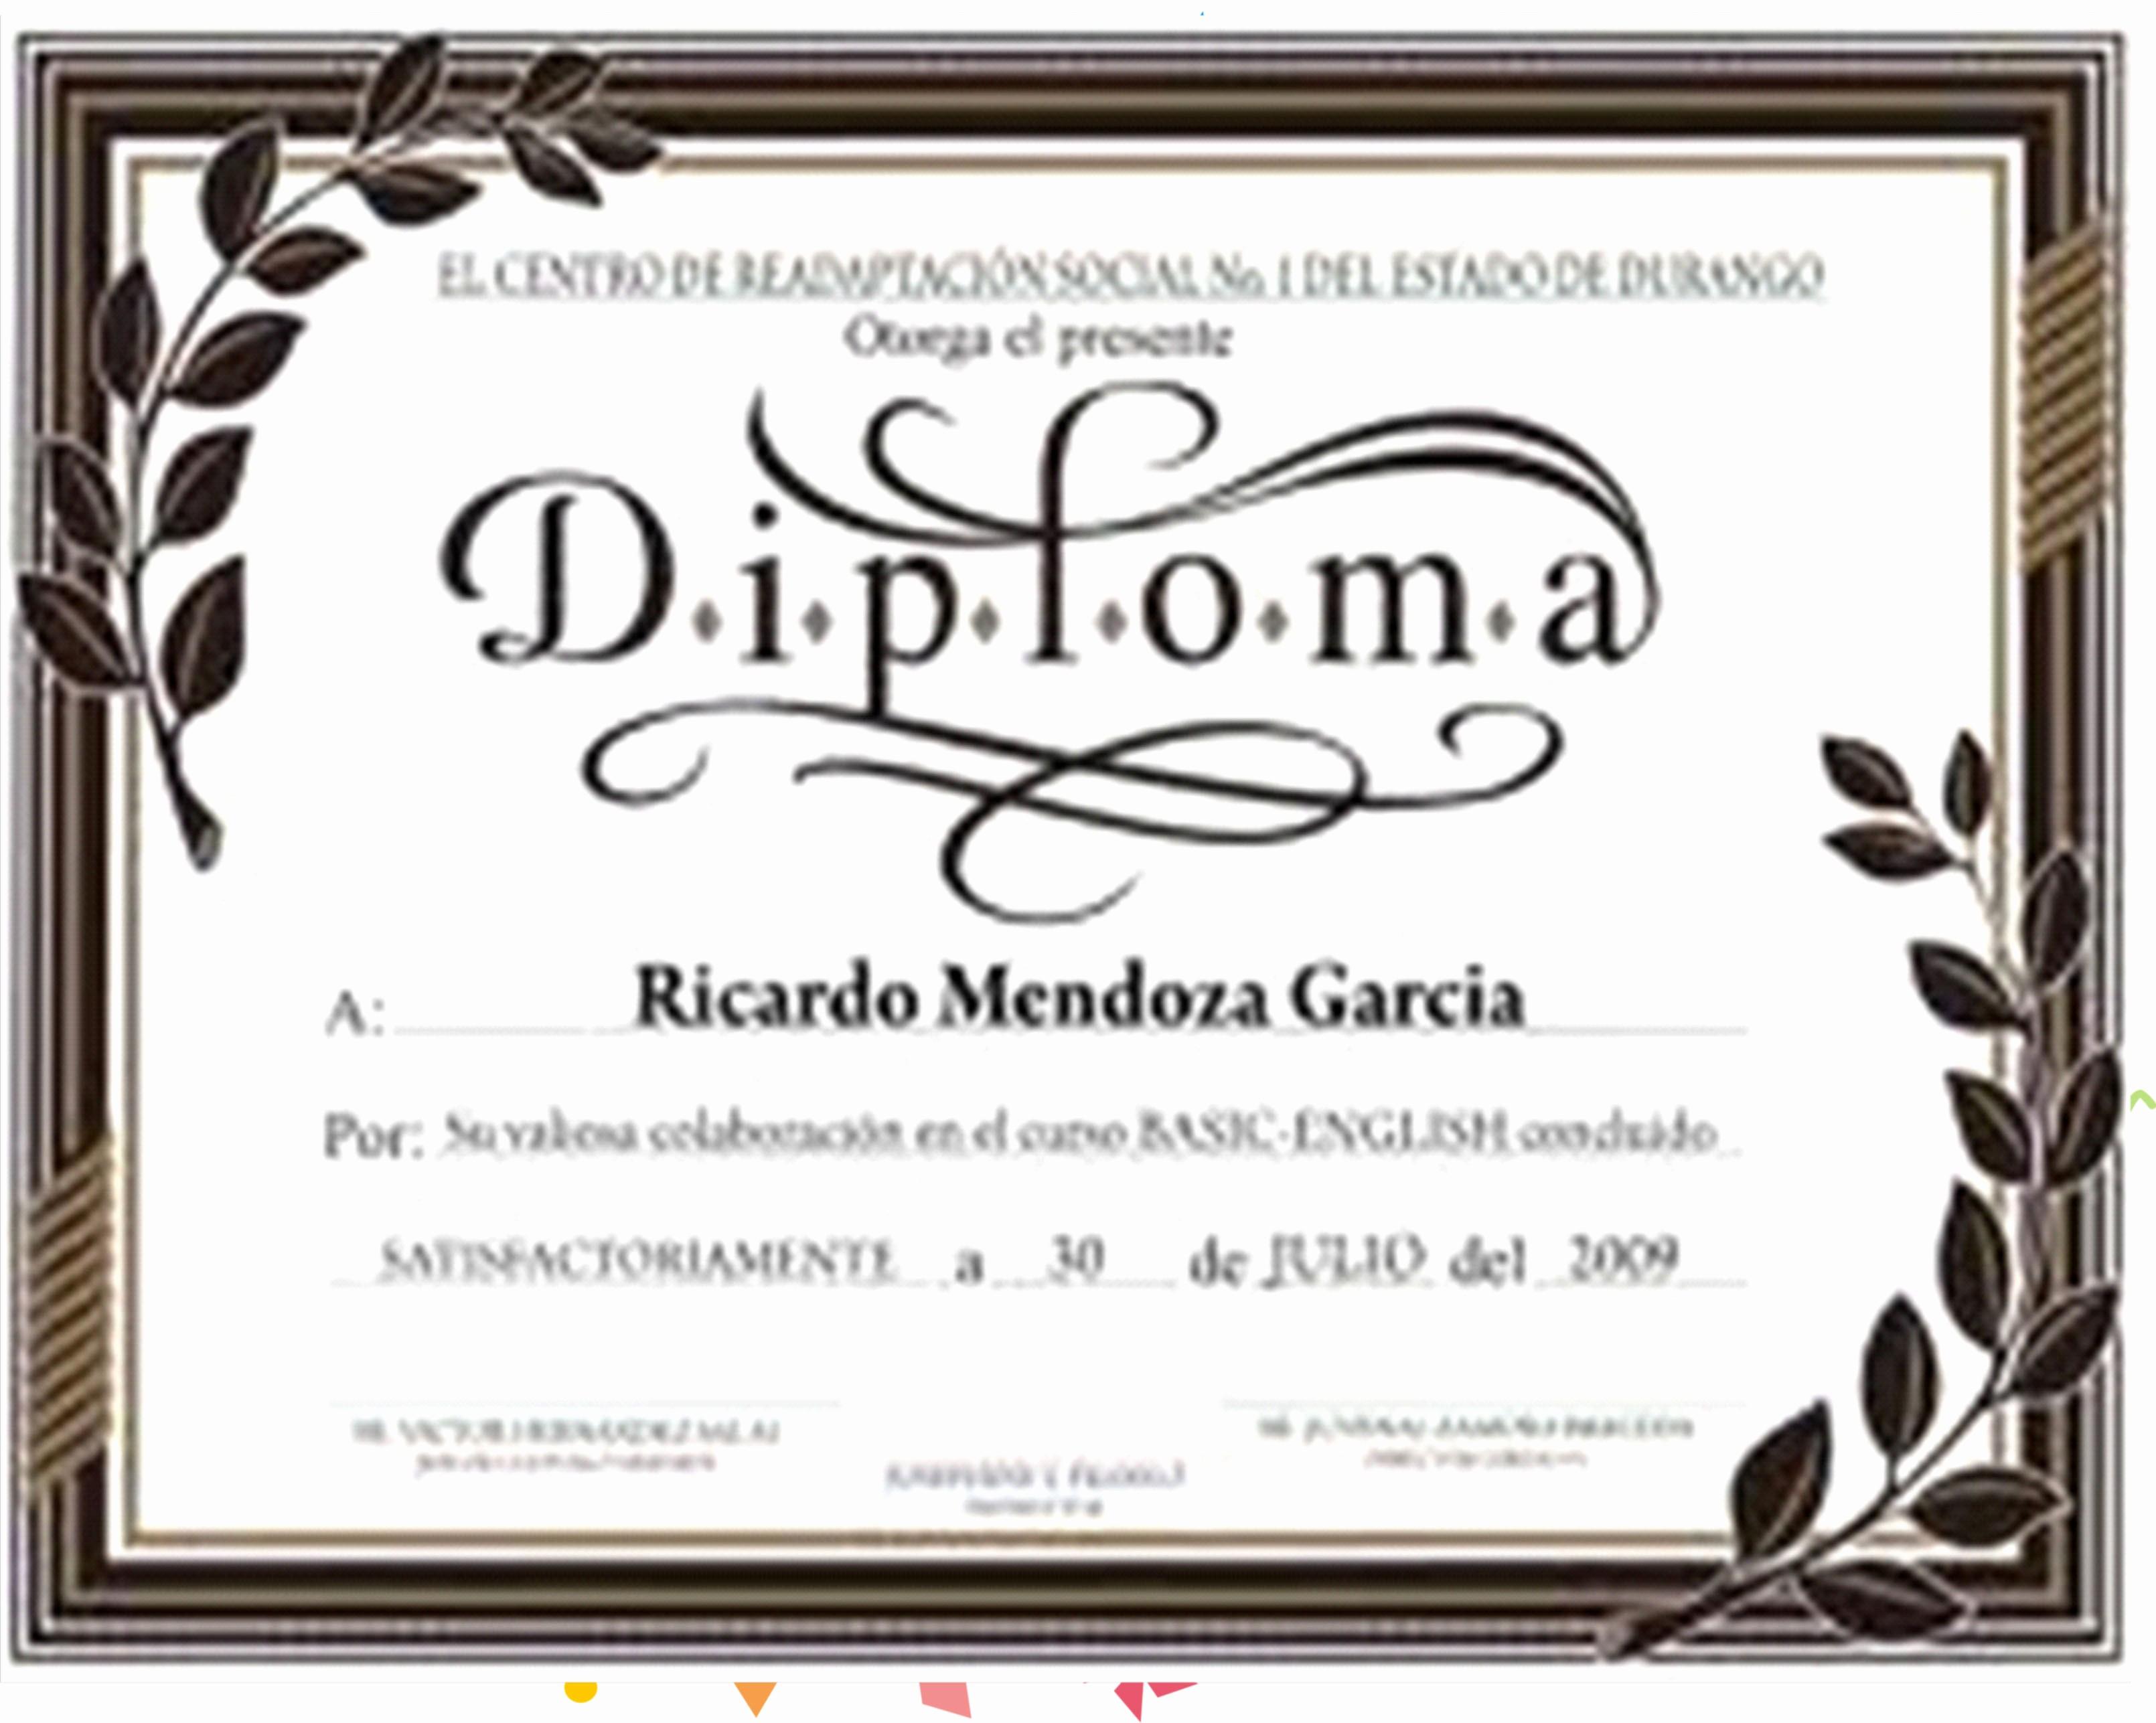 Formatos De Diplomas Para Modificar Unique Minientrada formato